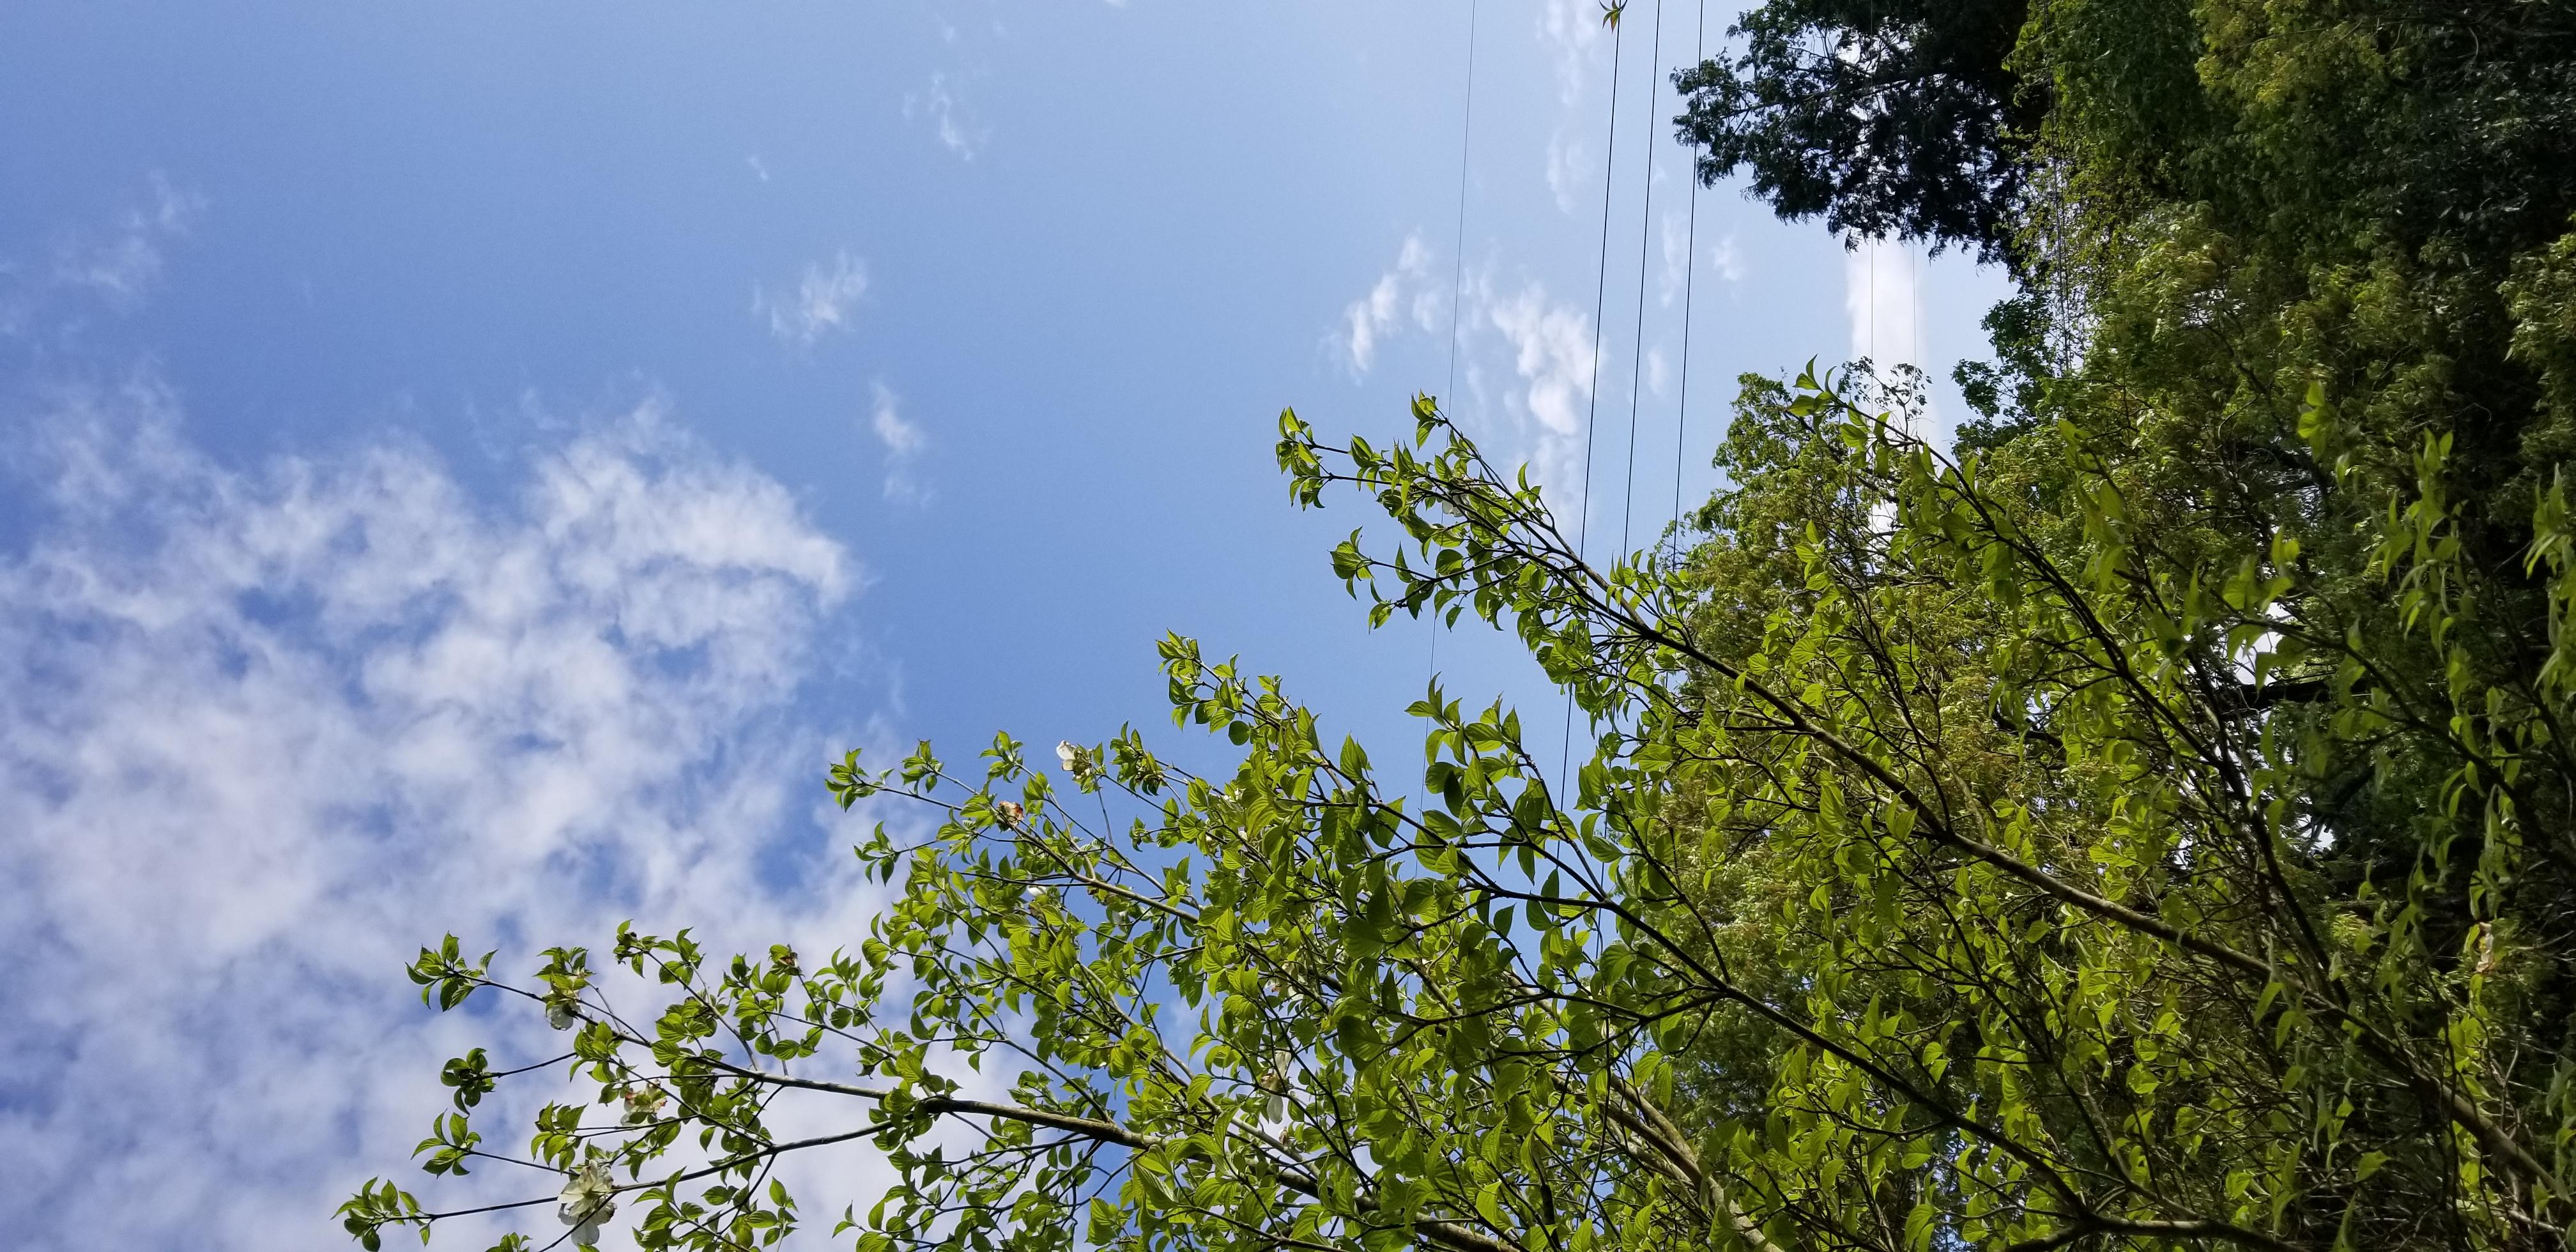 #515.ト書きのラジオGW編『自宅にて.山際の風と鳥の声』